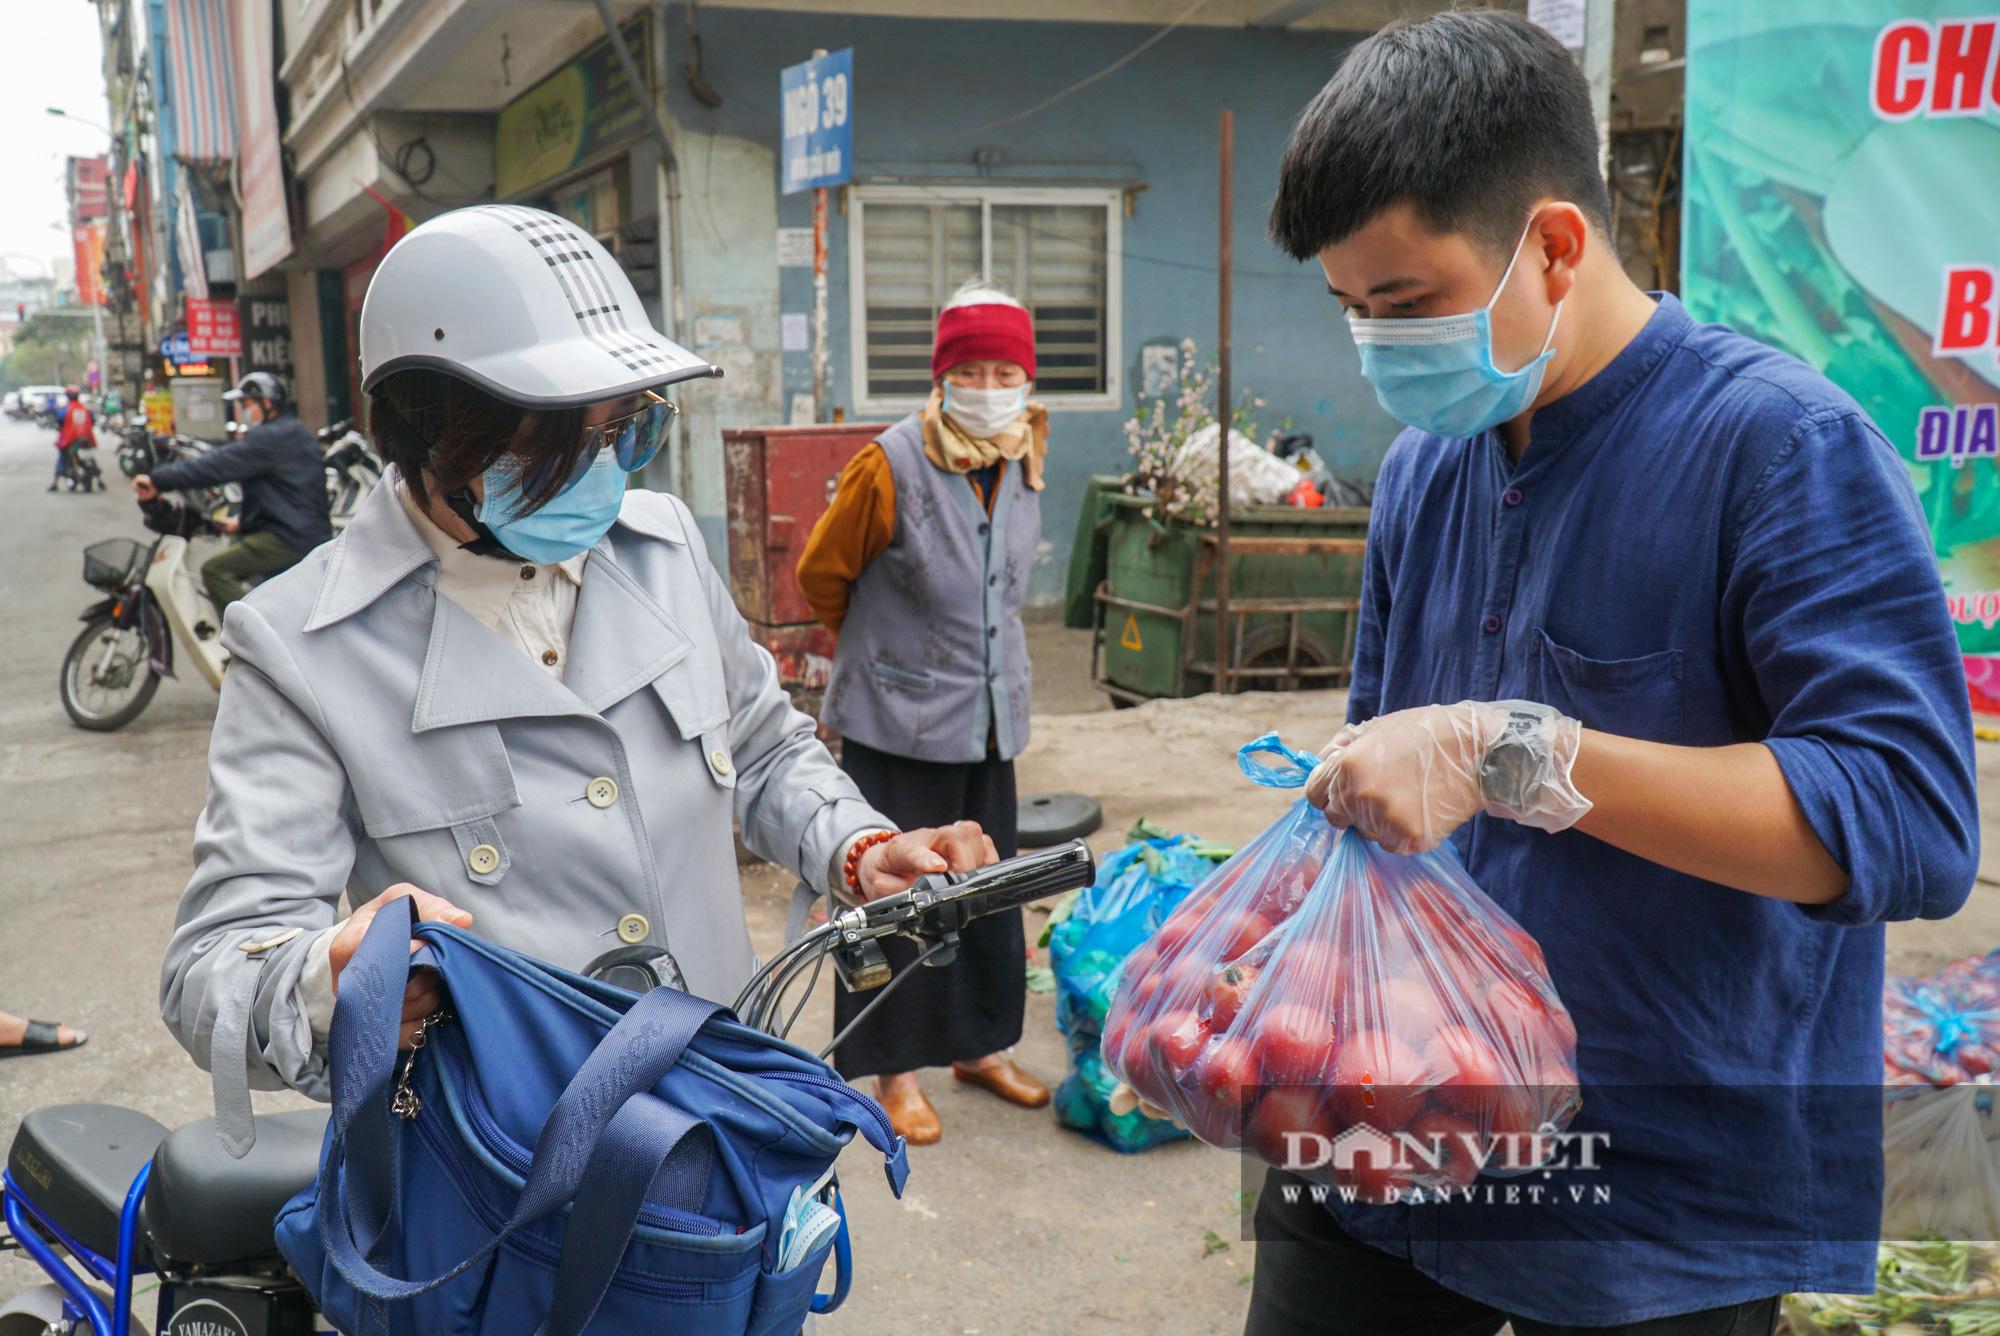 Hơn 4 tấn nông sản ở Mê Linh được giải cứu trong sáng nay - Ảnh 8.